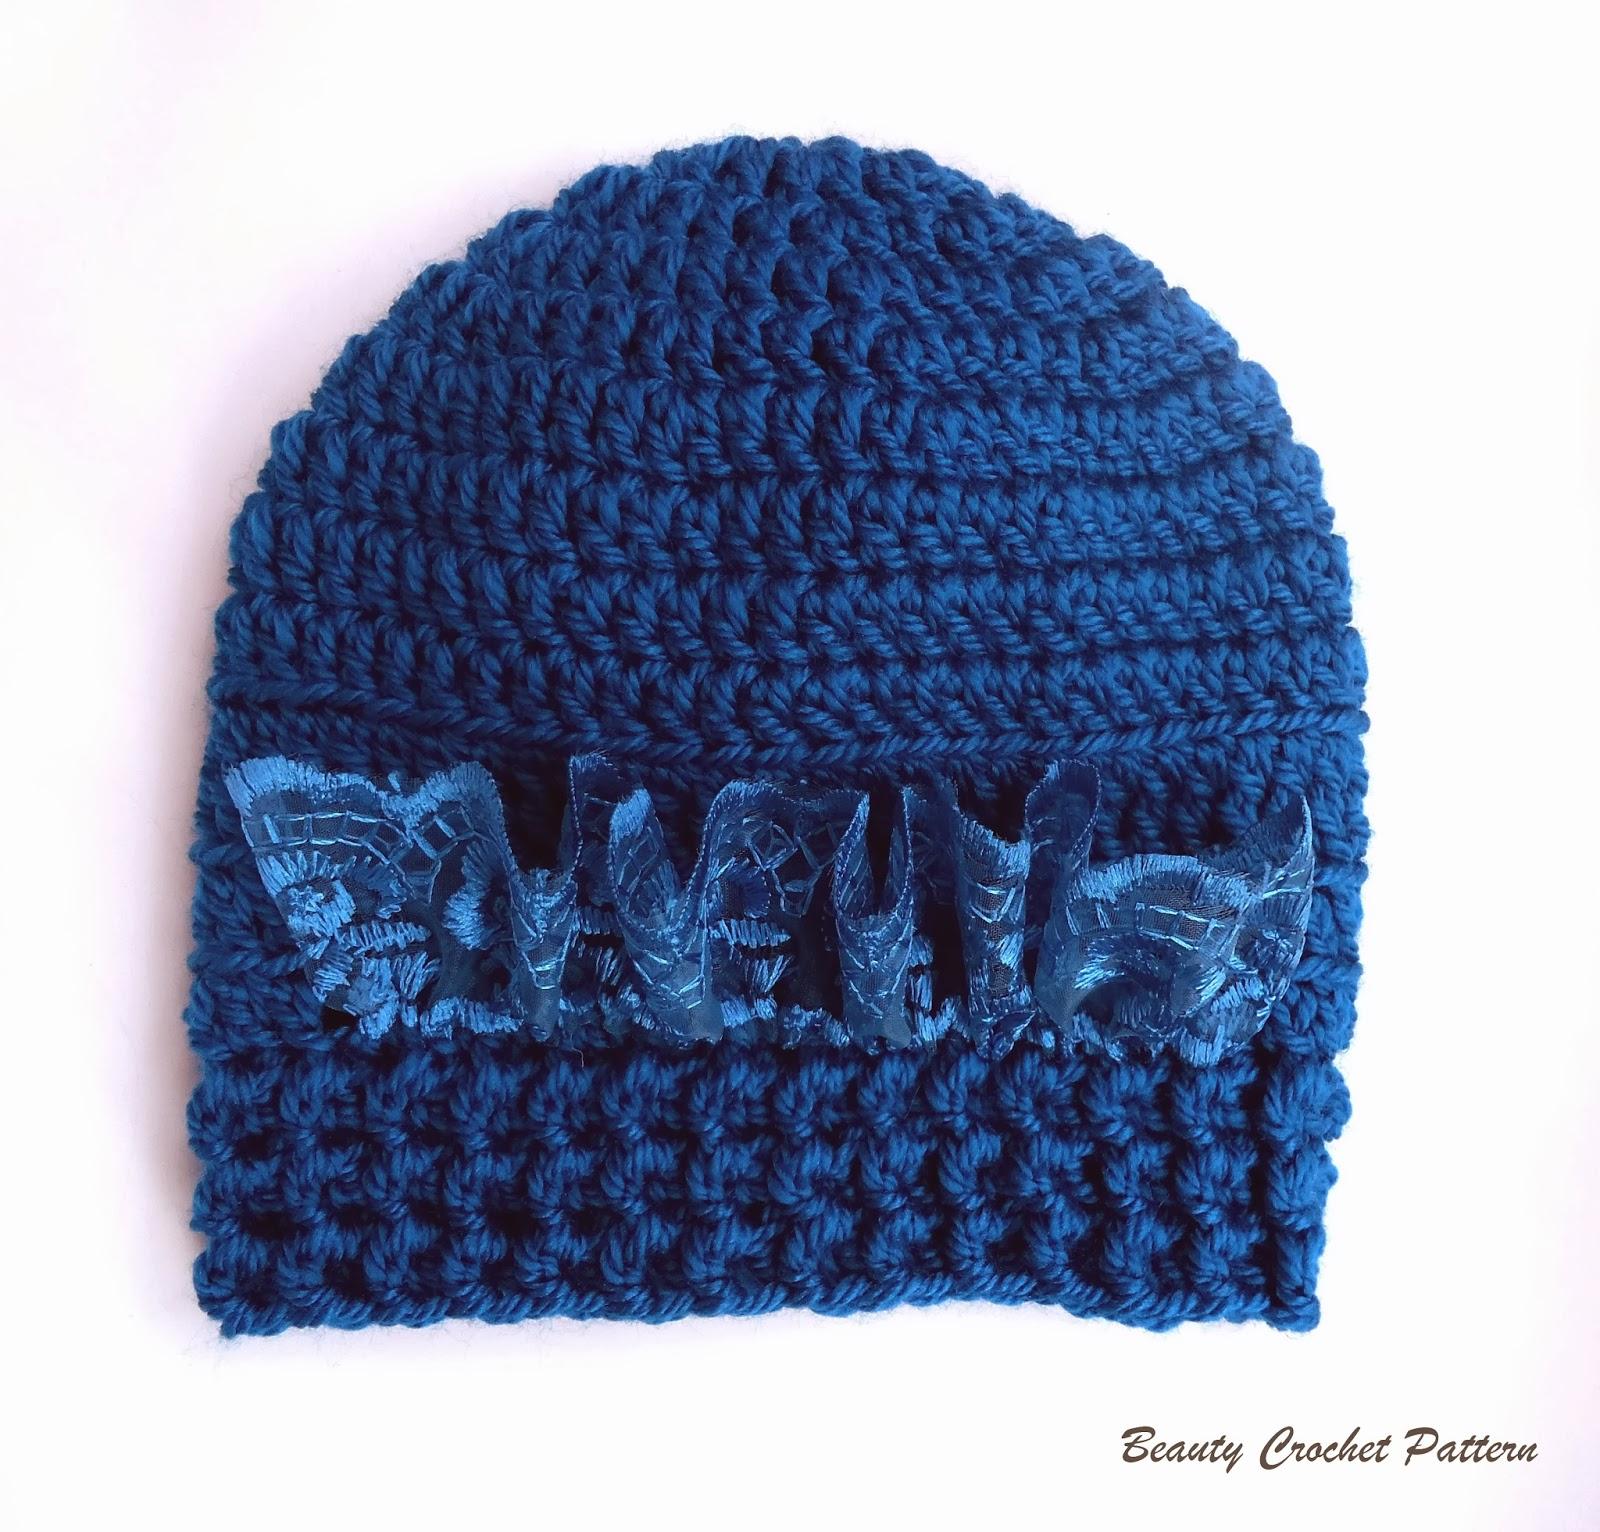 Lacy Crochet Baby Hat Pattern Free : Beauty Crochet Pattern: BABY CROCHET HAT PATTERN WITH LACE ...